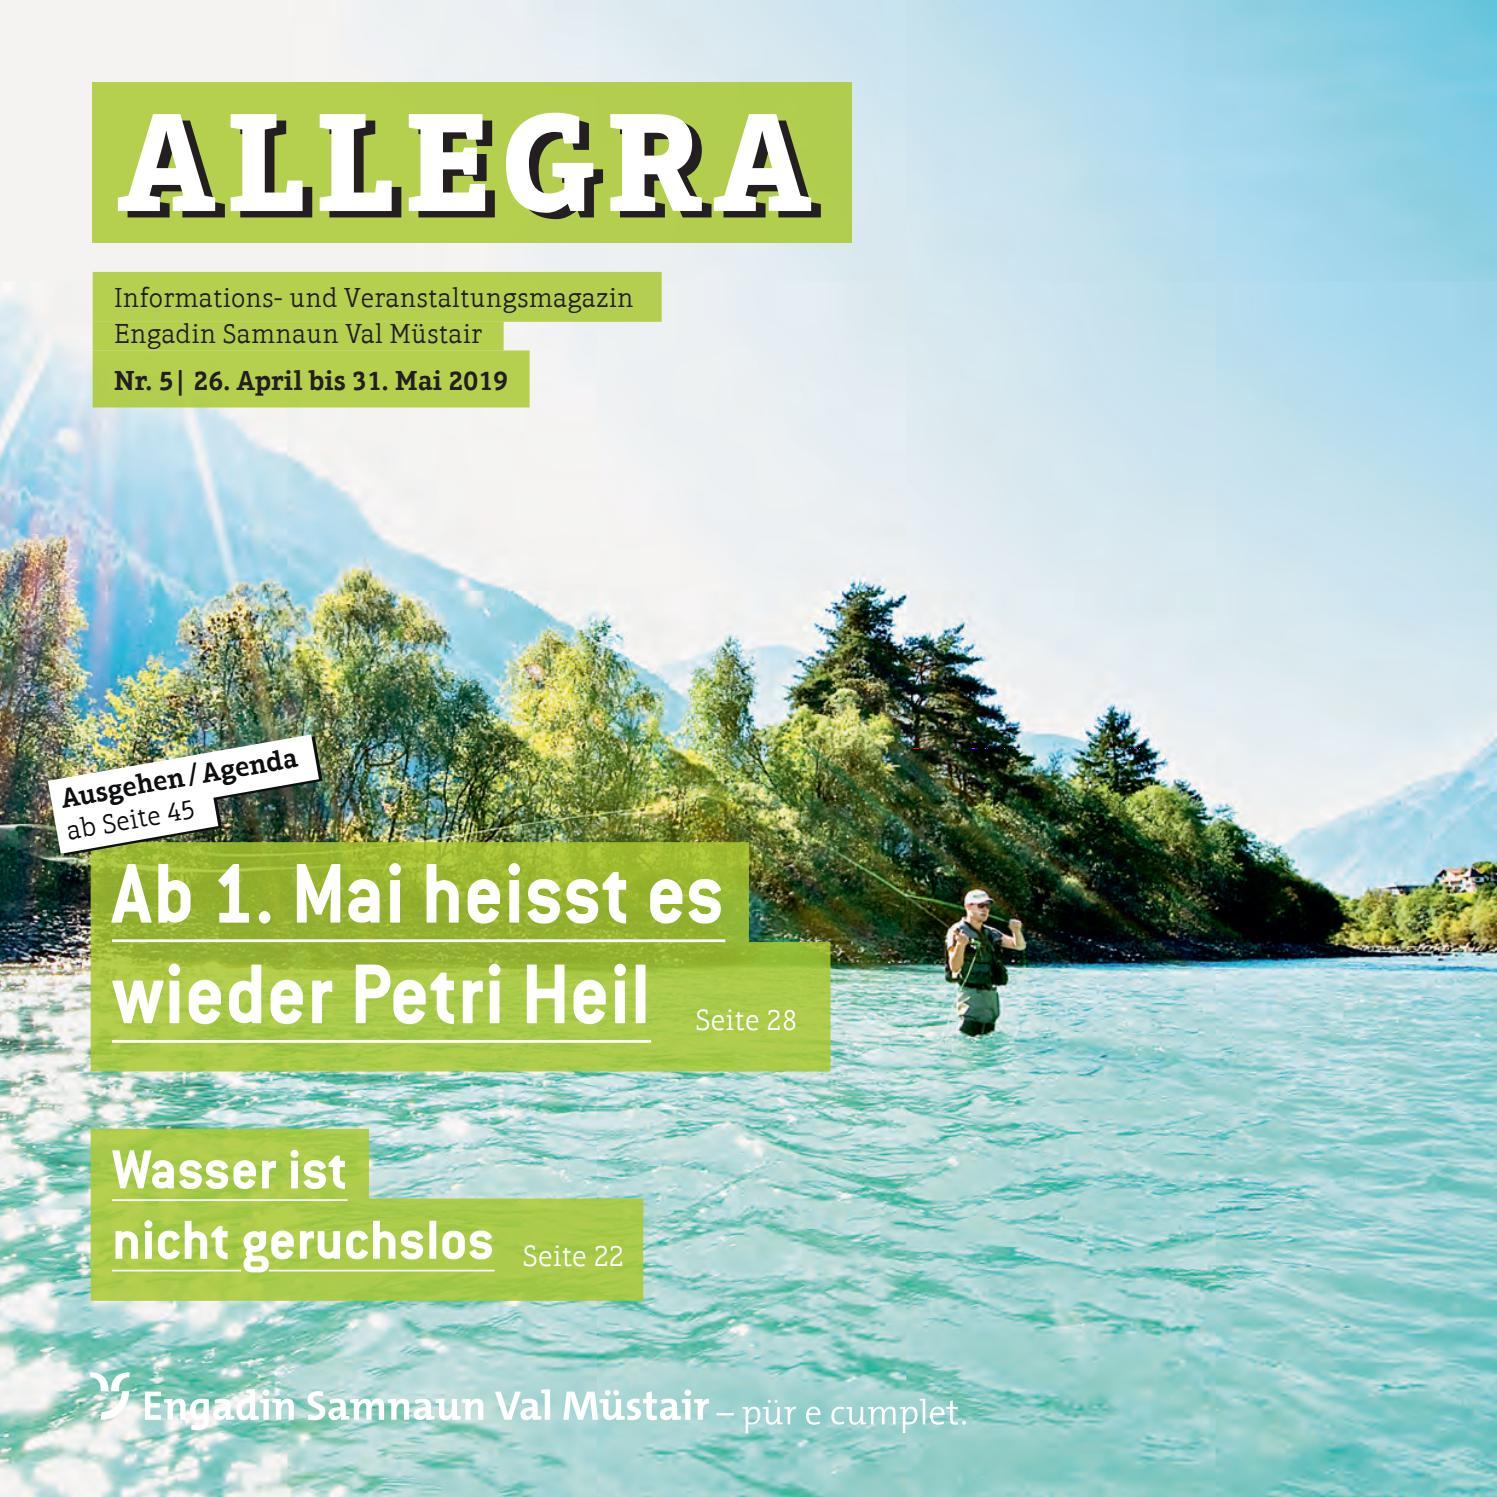 Private Treffen mit Damen aus St. Gallen - Private dating